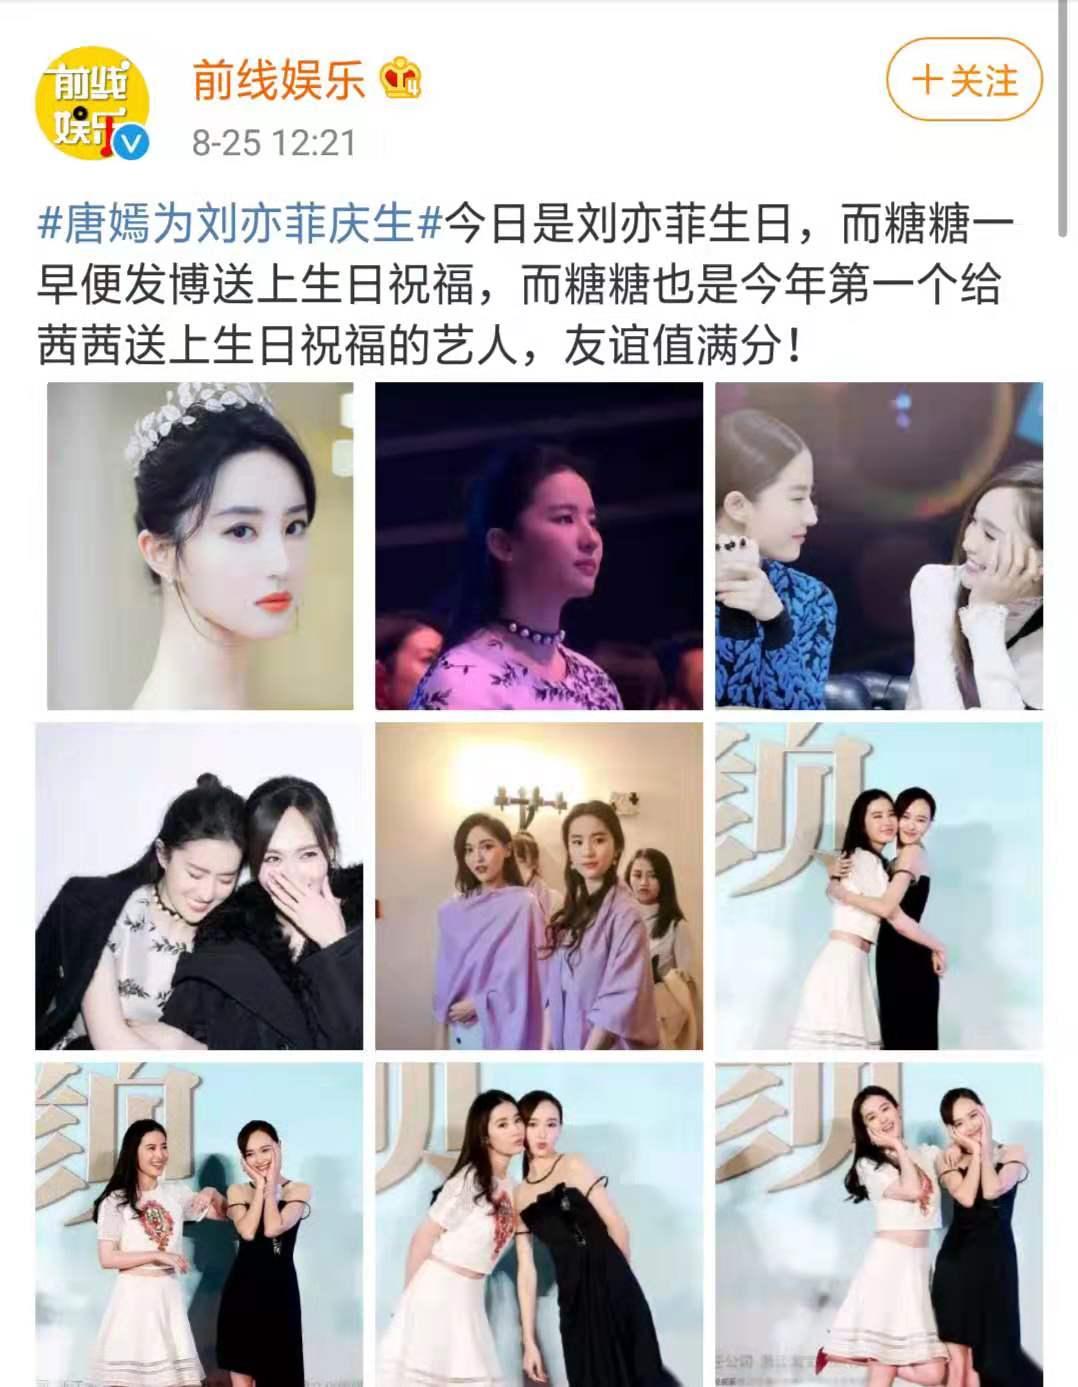 羡慕!唐嫣为刘亦菲庆生,仙女友情多年不变,真正的闺蜜情!